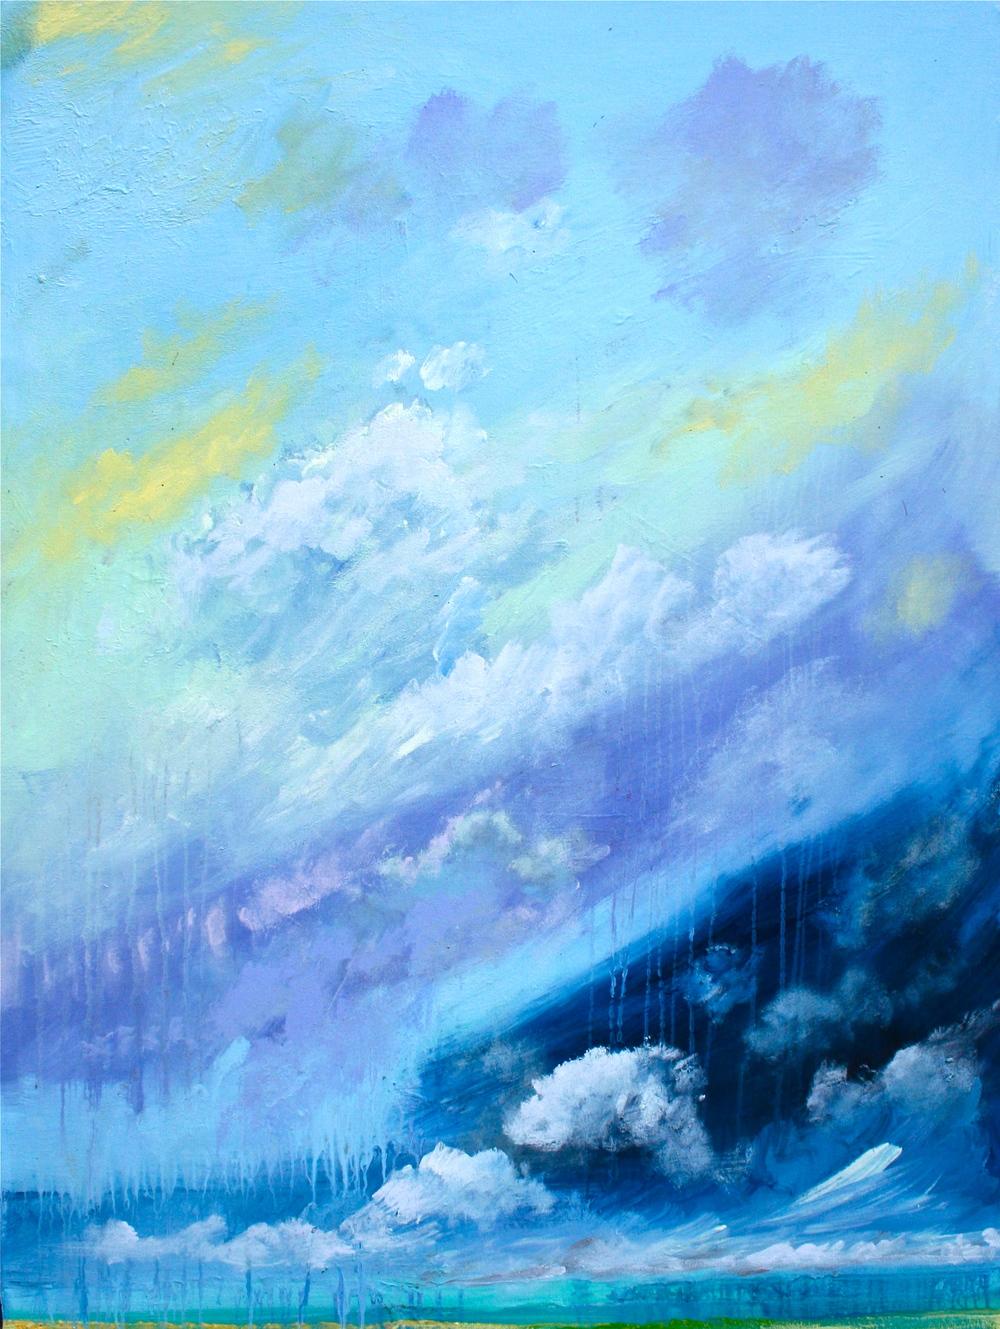 SKY #42